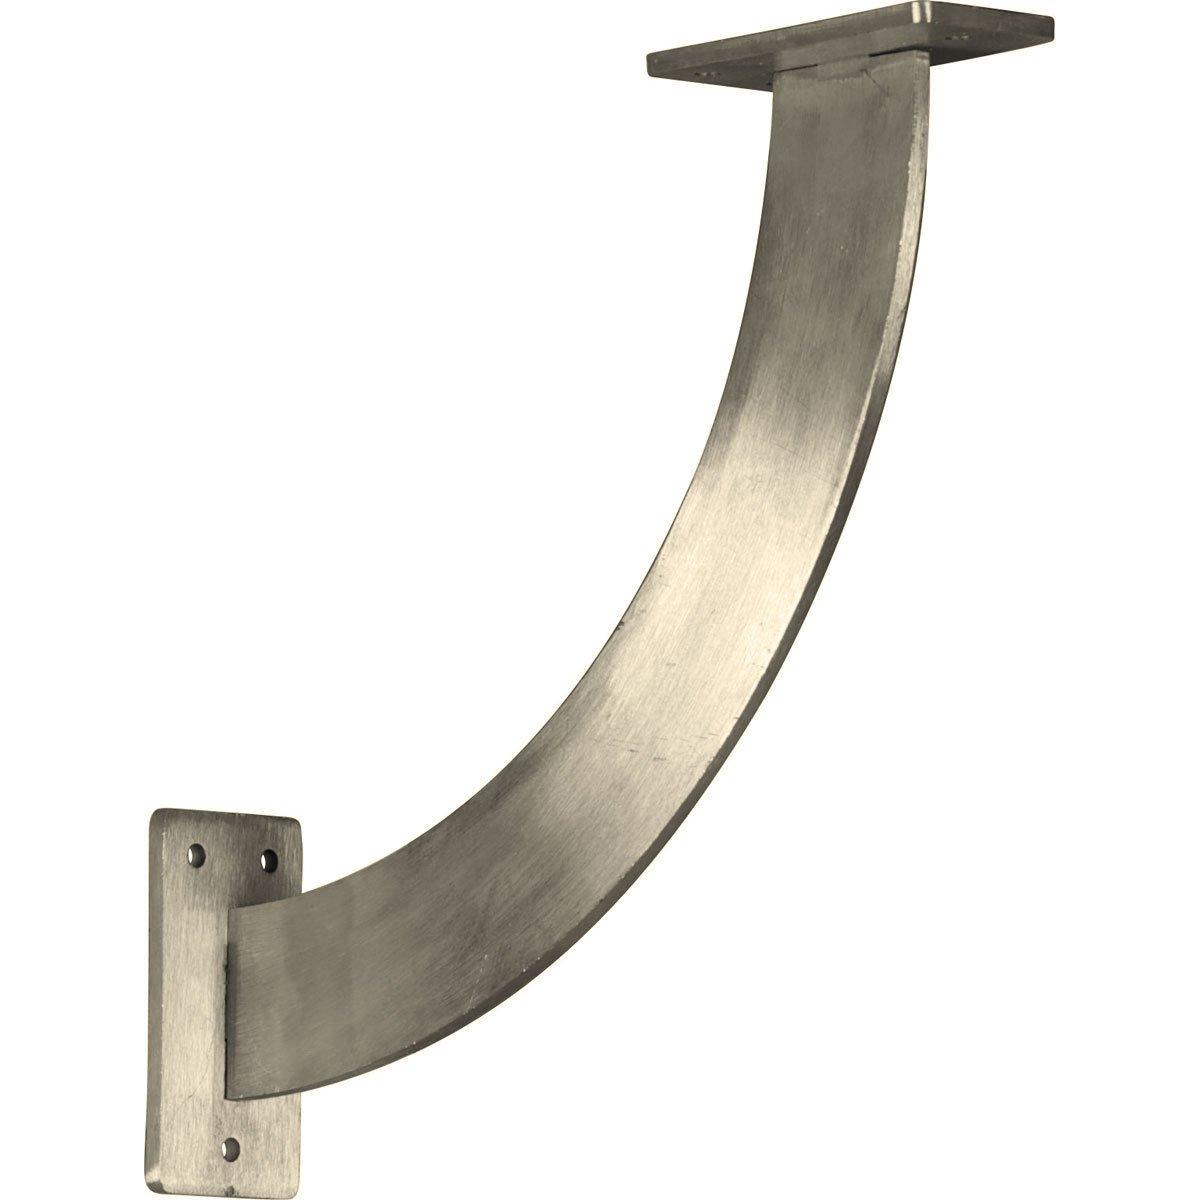 Ekena Millwork BKTM02X11X11BRSS-CASE-2 2 inch W x 11 inch D x 11 inch H Bradford Bracket, Stainless Steel (2-Pack),